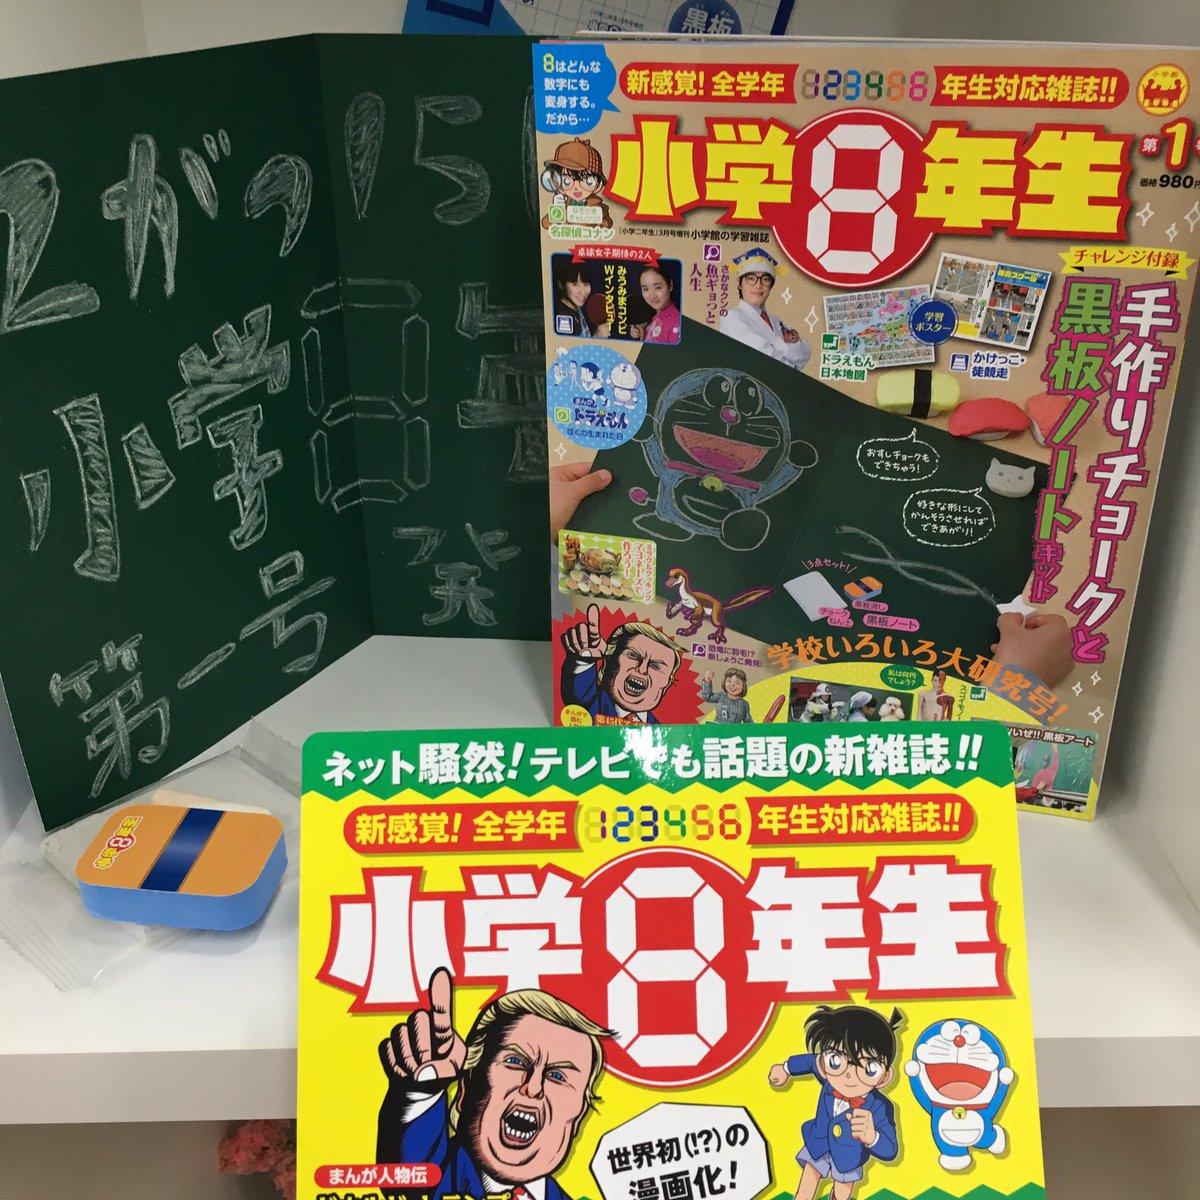 本日発売、「小学8年生」創刊号! ドラえもんが誕生した学年誌シリーズに新たな学年が登場するなんて、誰が予想できたでしょう